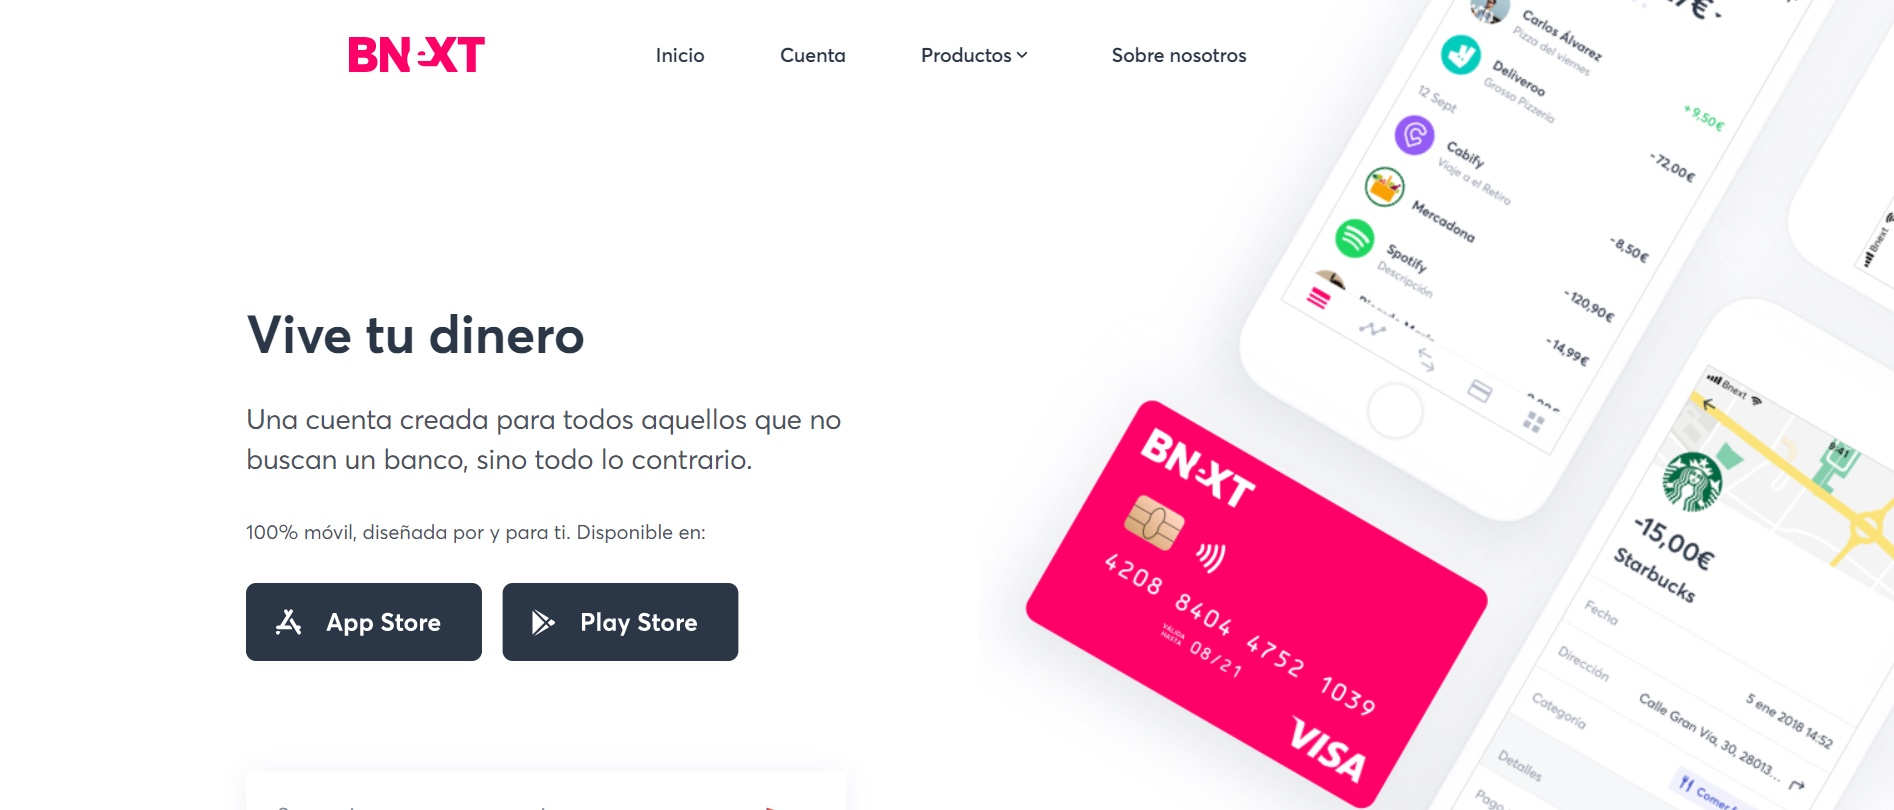 Descuentos viajeros - 5 euros gratis con Bnext